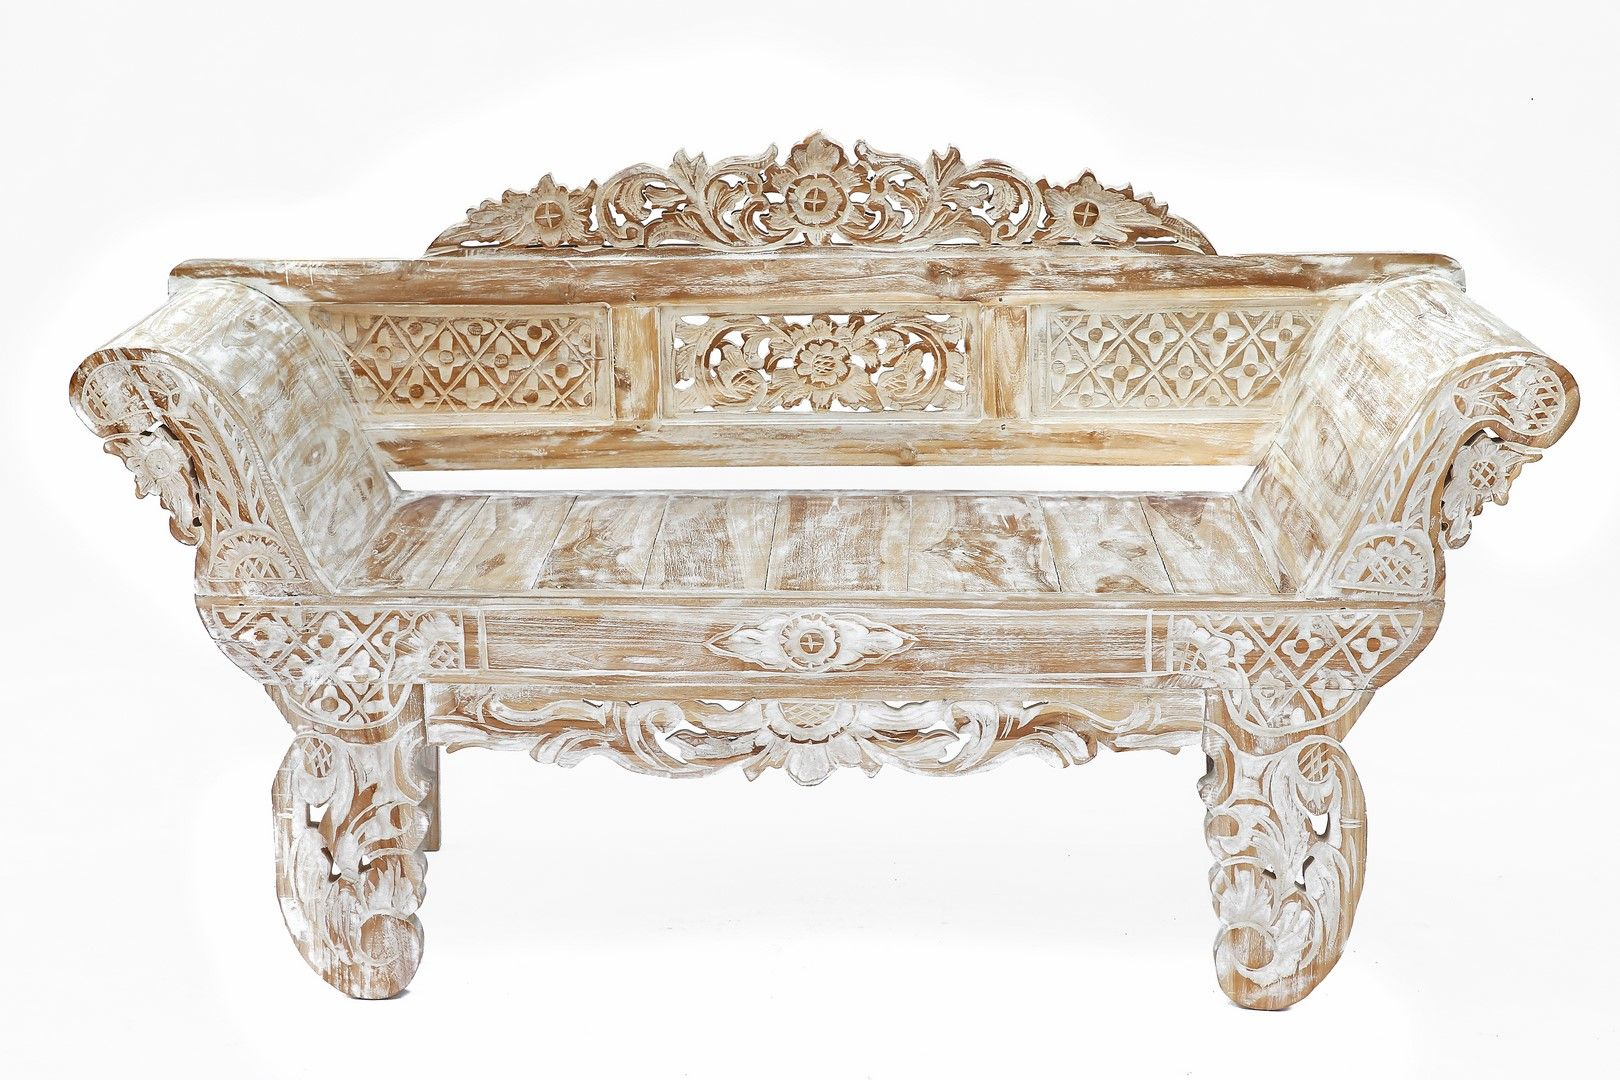 Banc En Bois Recycle Provenant D Anciennes Maisons Javanaises Sculpte A Bali Longueur 167 Cm Poids 37 Kg Furniture Decor Accent Chairs